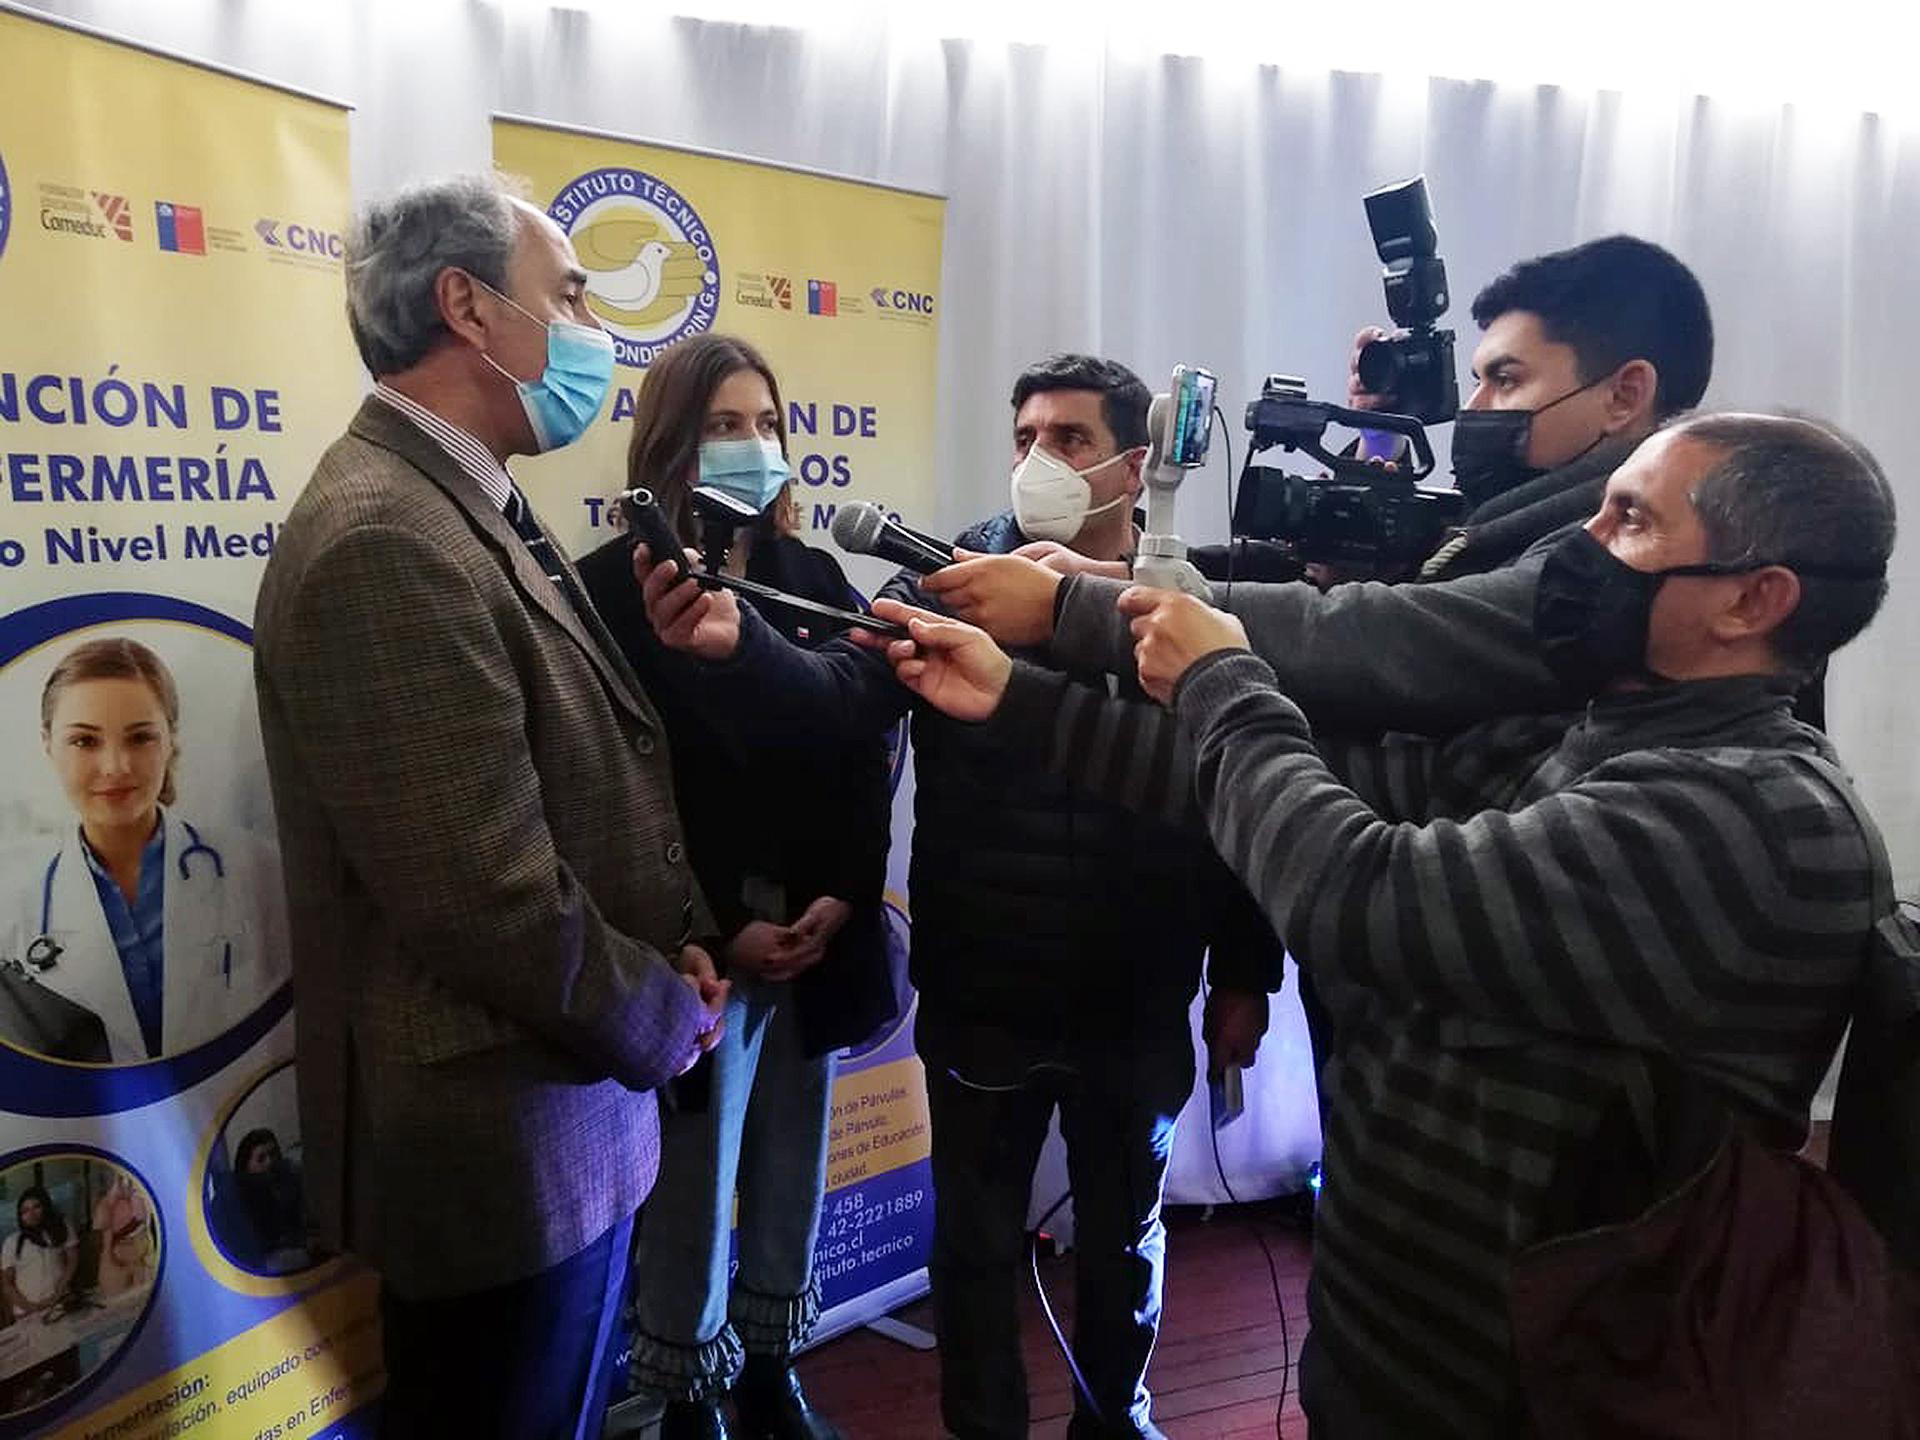 Ricardo Mewes, en gira por el sur del país, releva la importancia de la descentralización